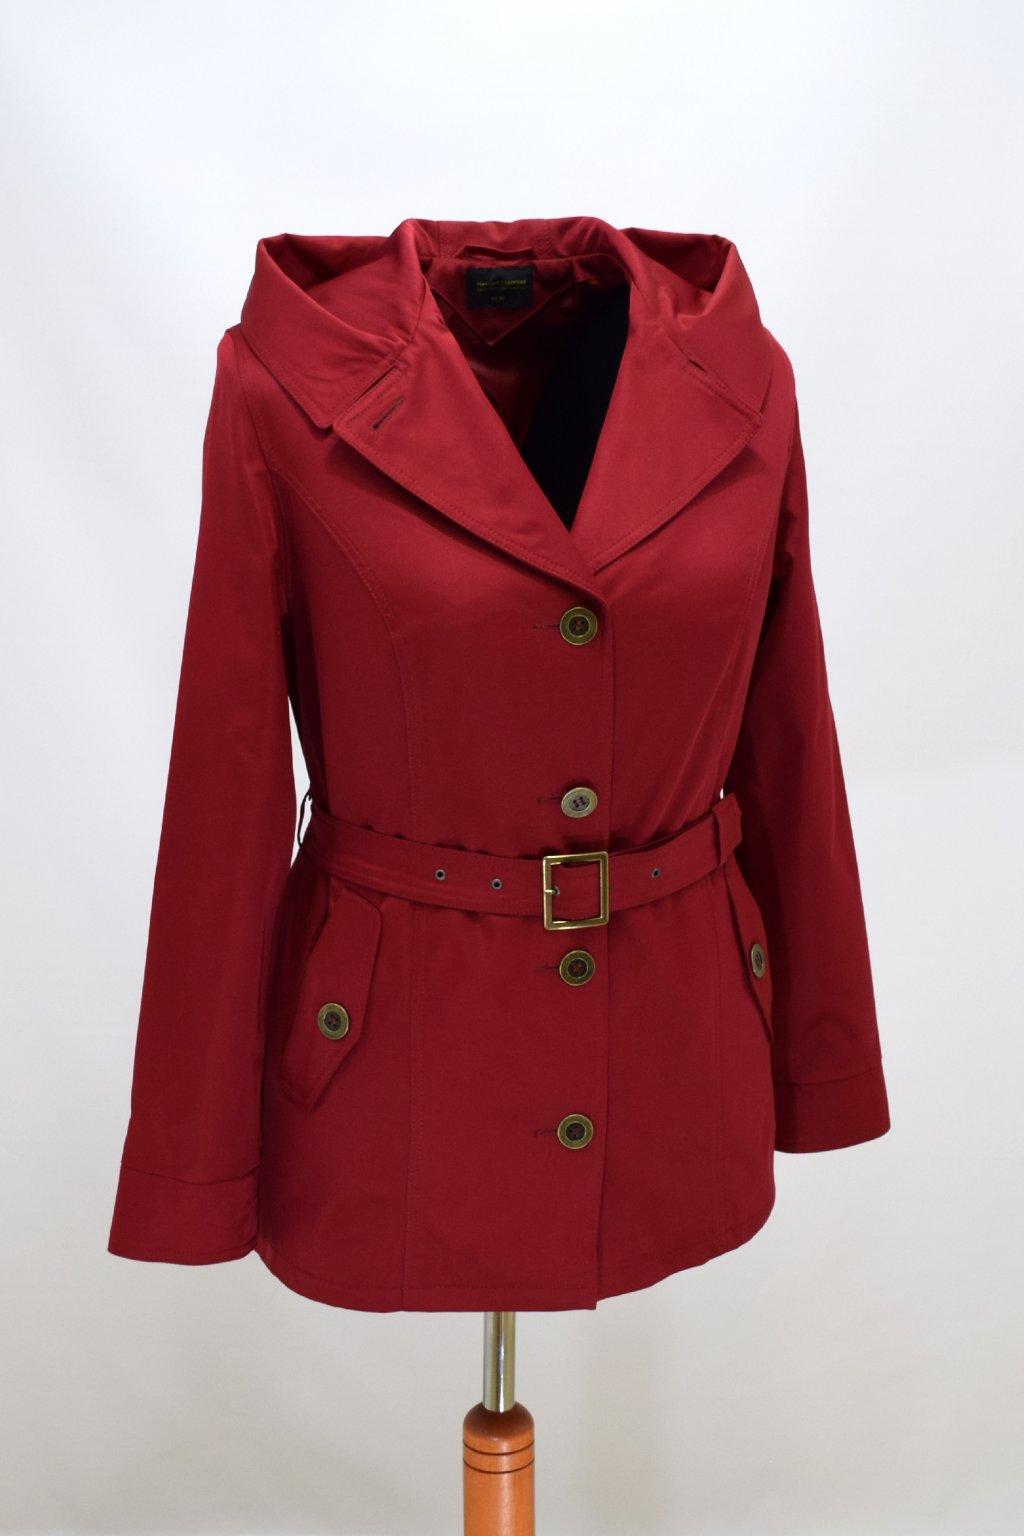 Dámský vínový jarní kabátek Eva nadměrné velikosti.